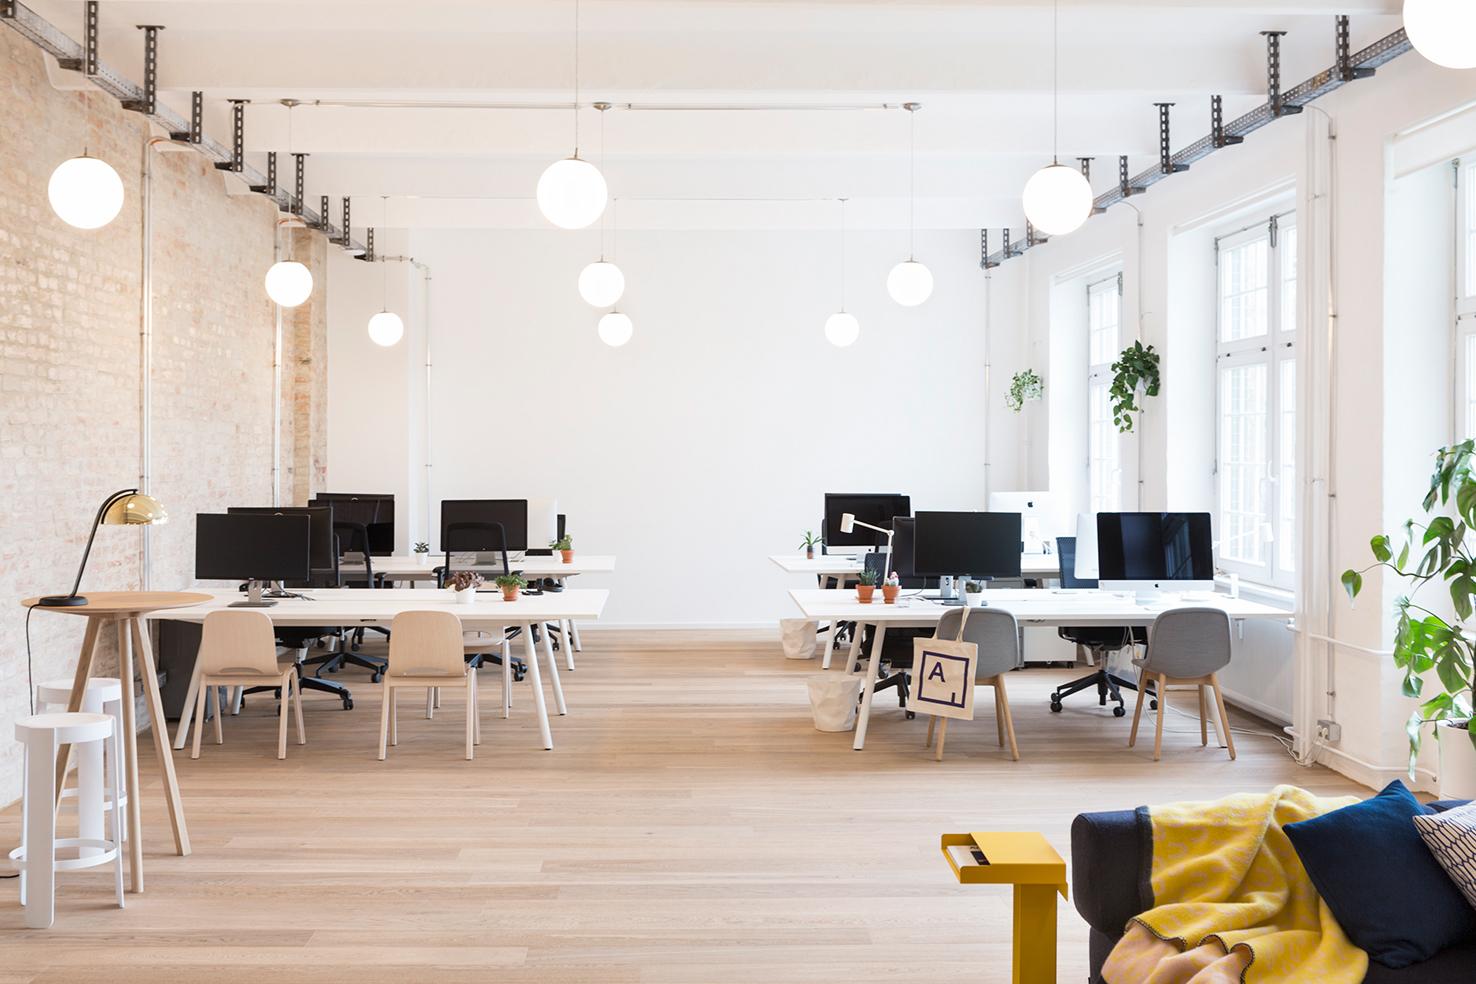 Das Designstudio New Tendency stattet die Büroräume von Artsy aus ...